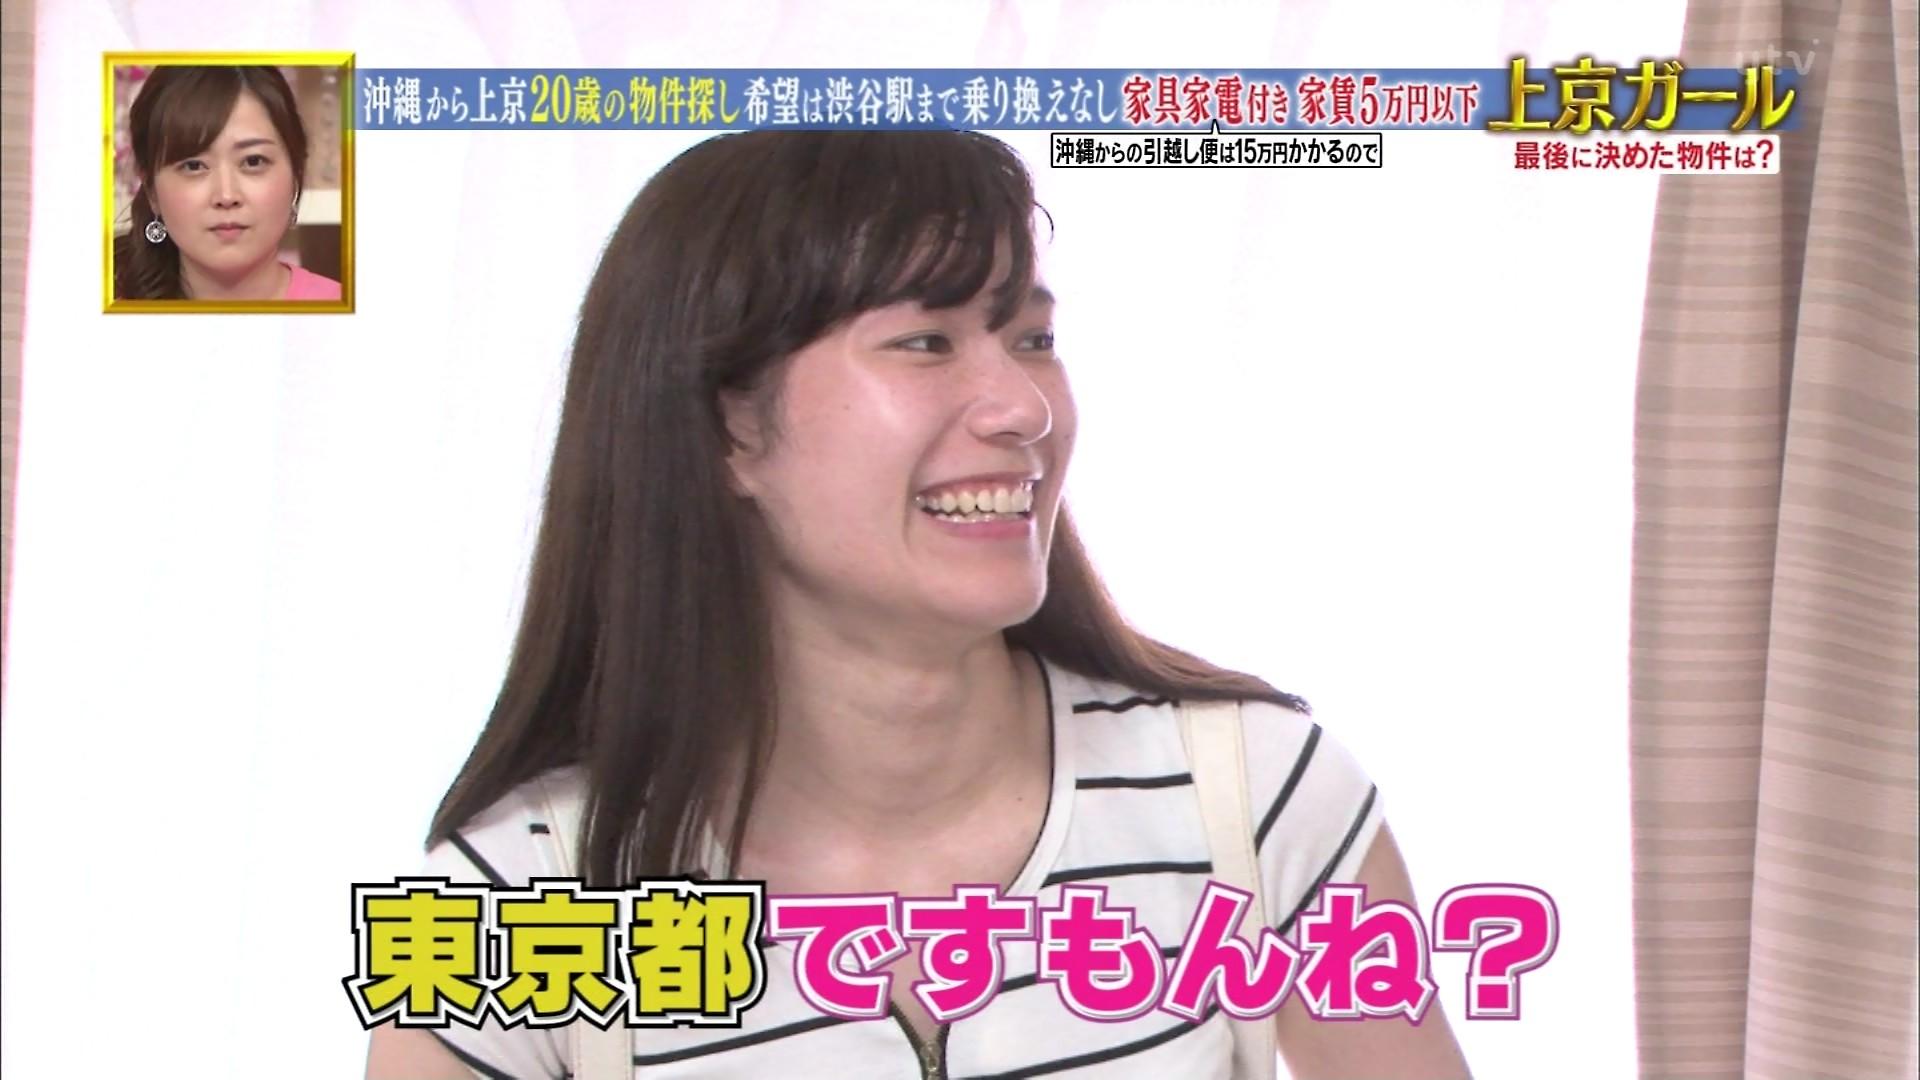 沖縄美女_パンチラ_放送事故_テレビキャプ画像_29